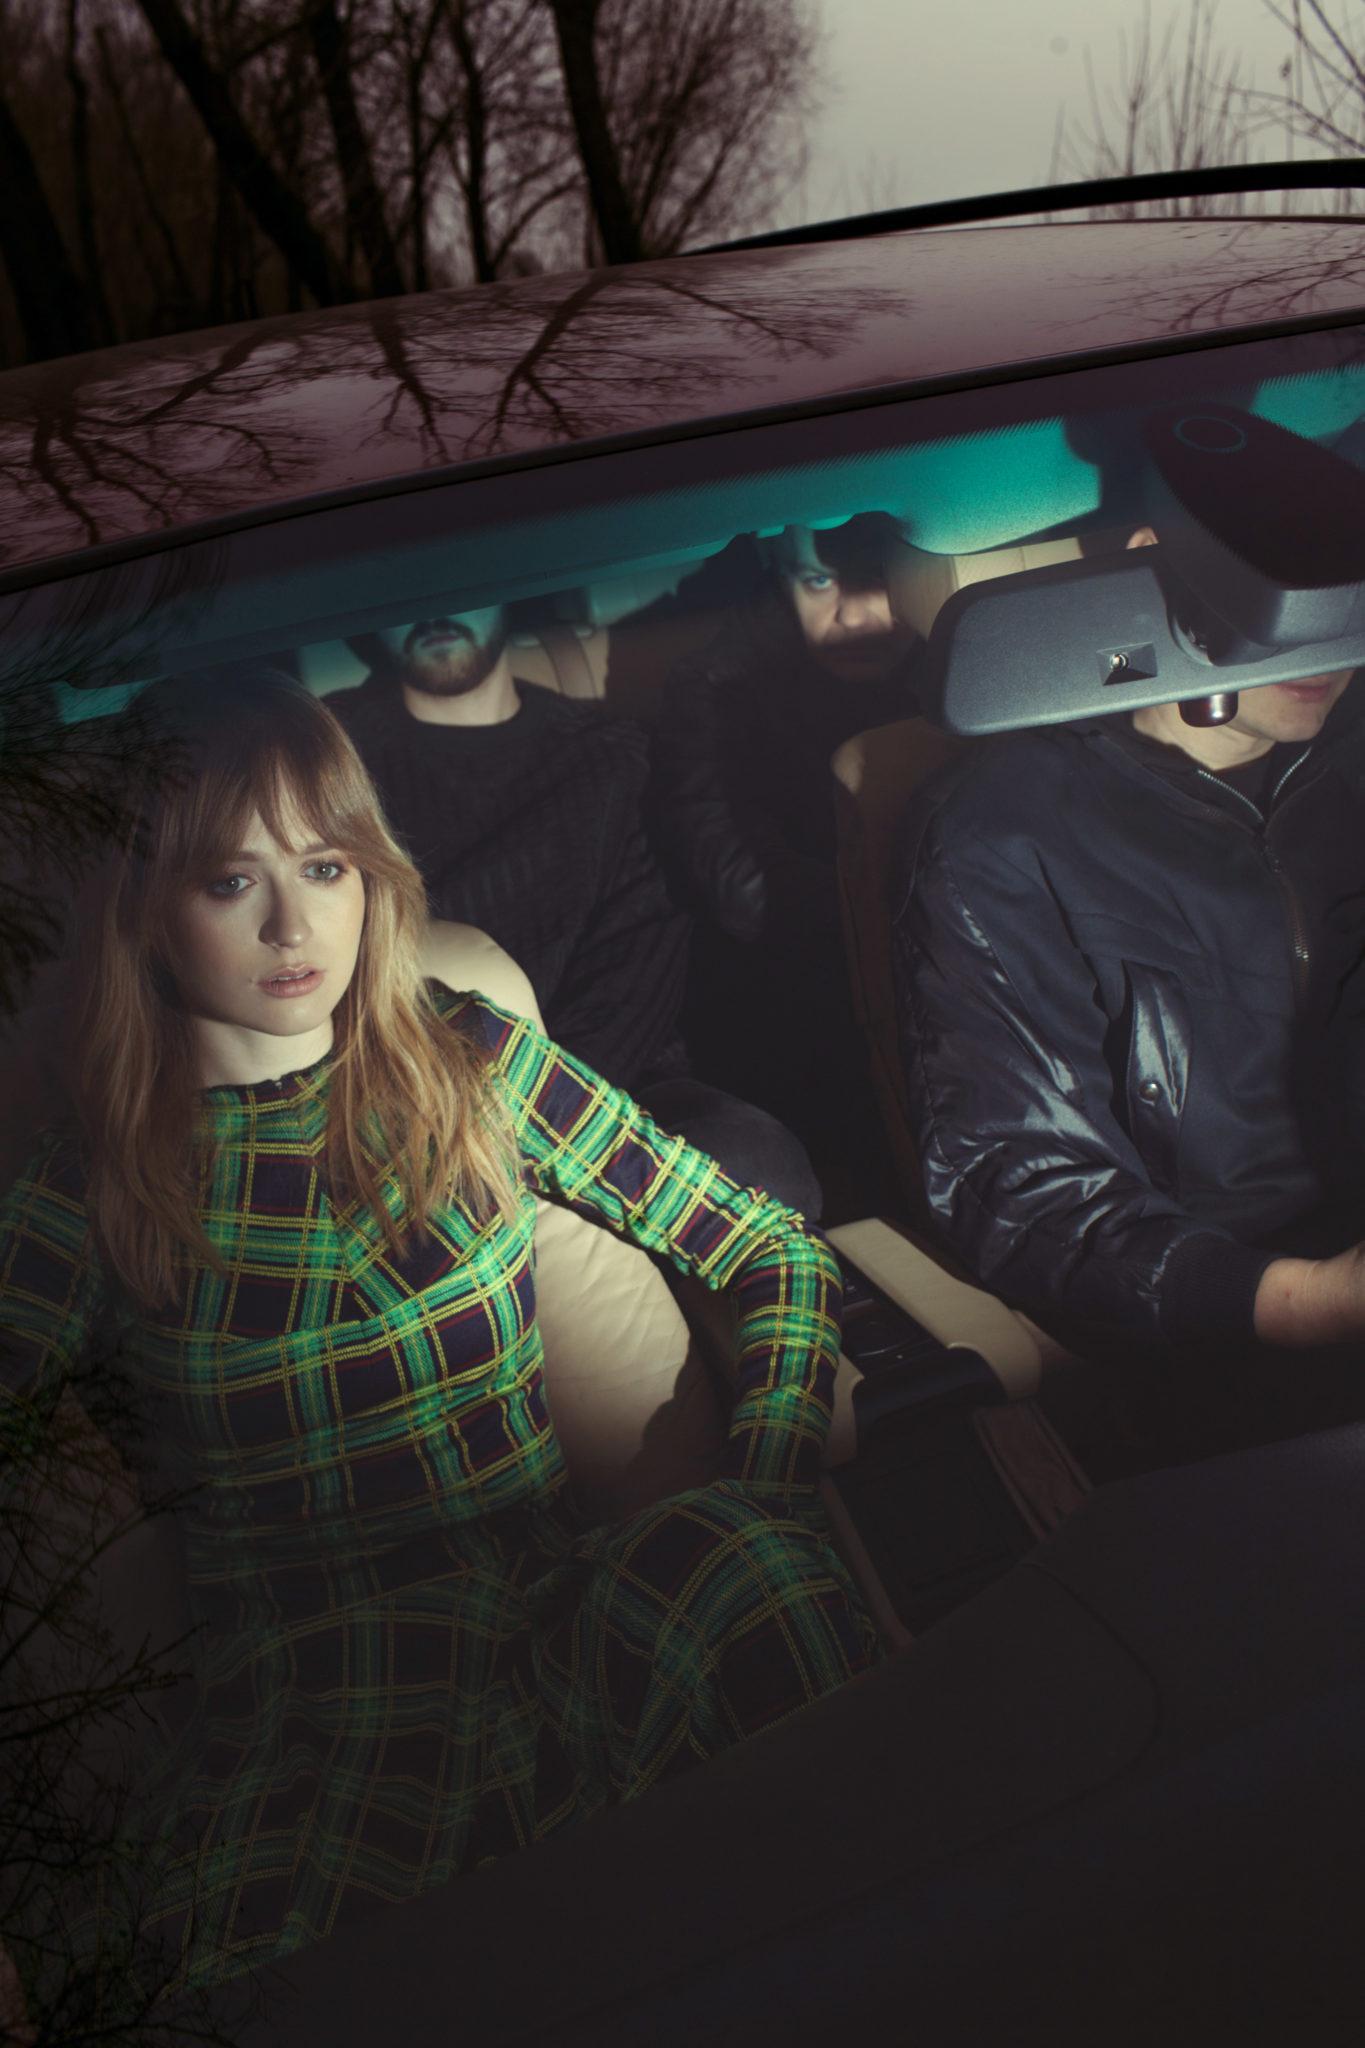 Na zdjeciu widzimy oswietlone wnetrze samochodu ktory prowadzi mezczyzna ubrany w czarna kurtke skorzana obok niego siedzi blondynka w zielonej sukience a na tylnym siedzeniu mezczyzni